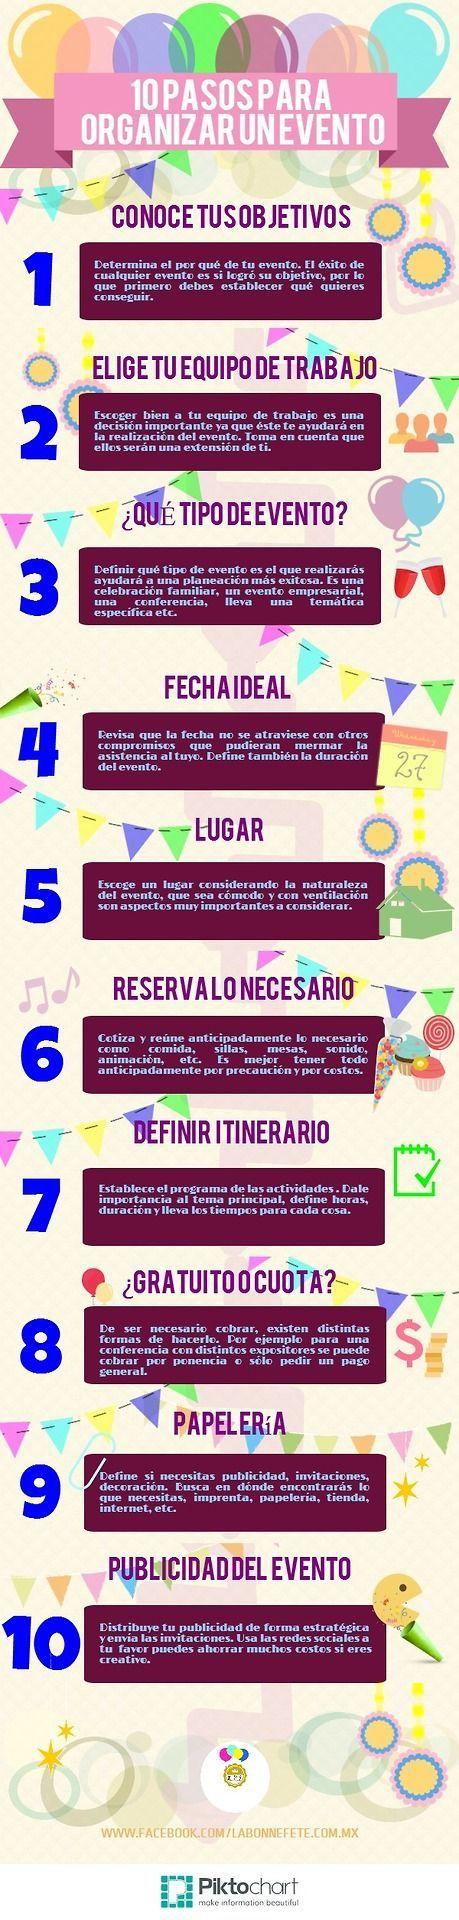 10 pasos para organizar un evento #ideassoneventos #